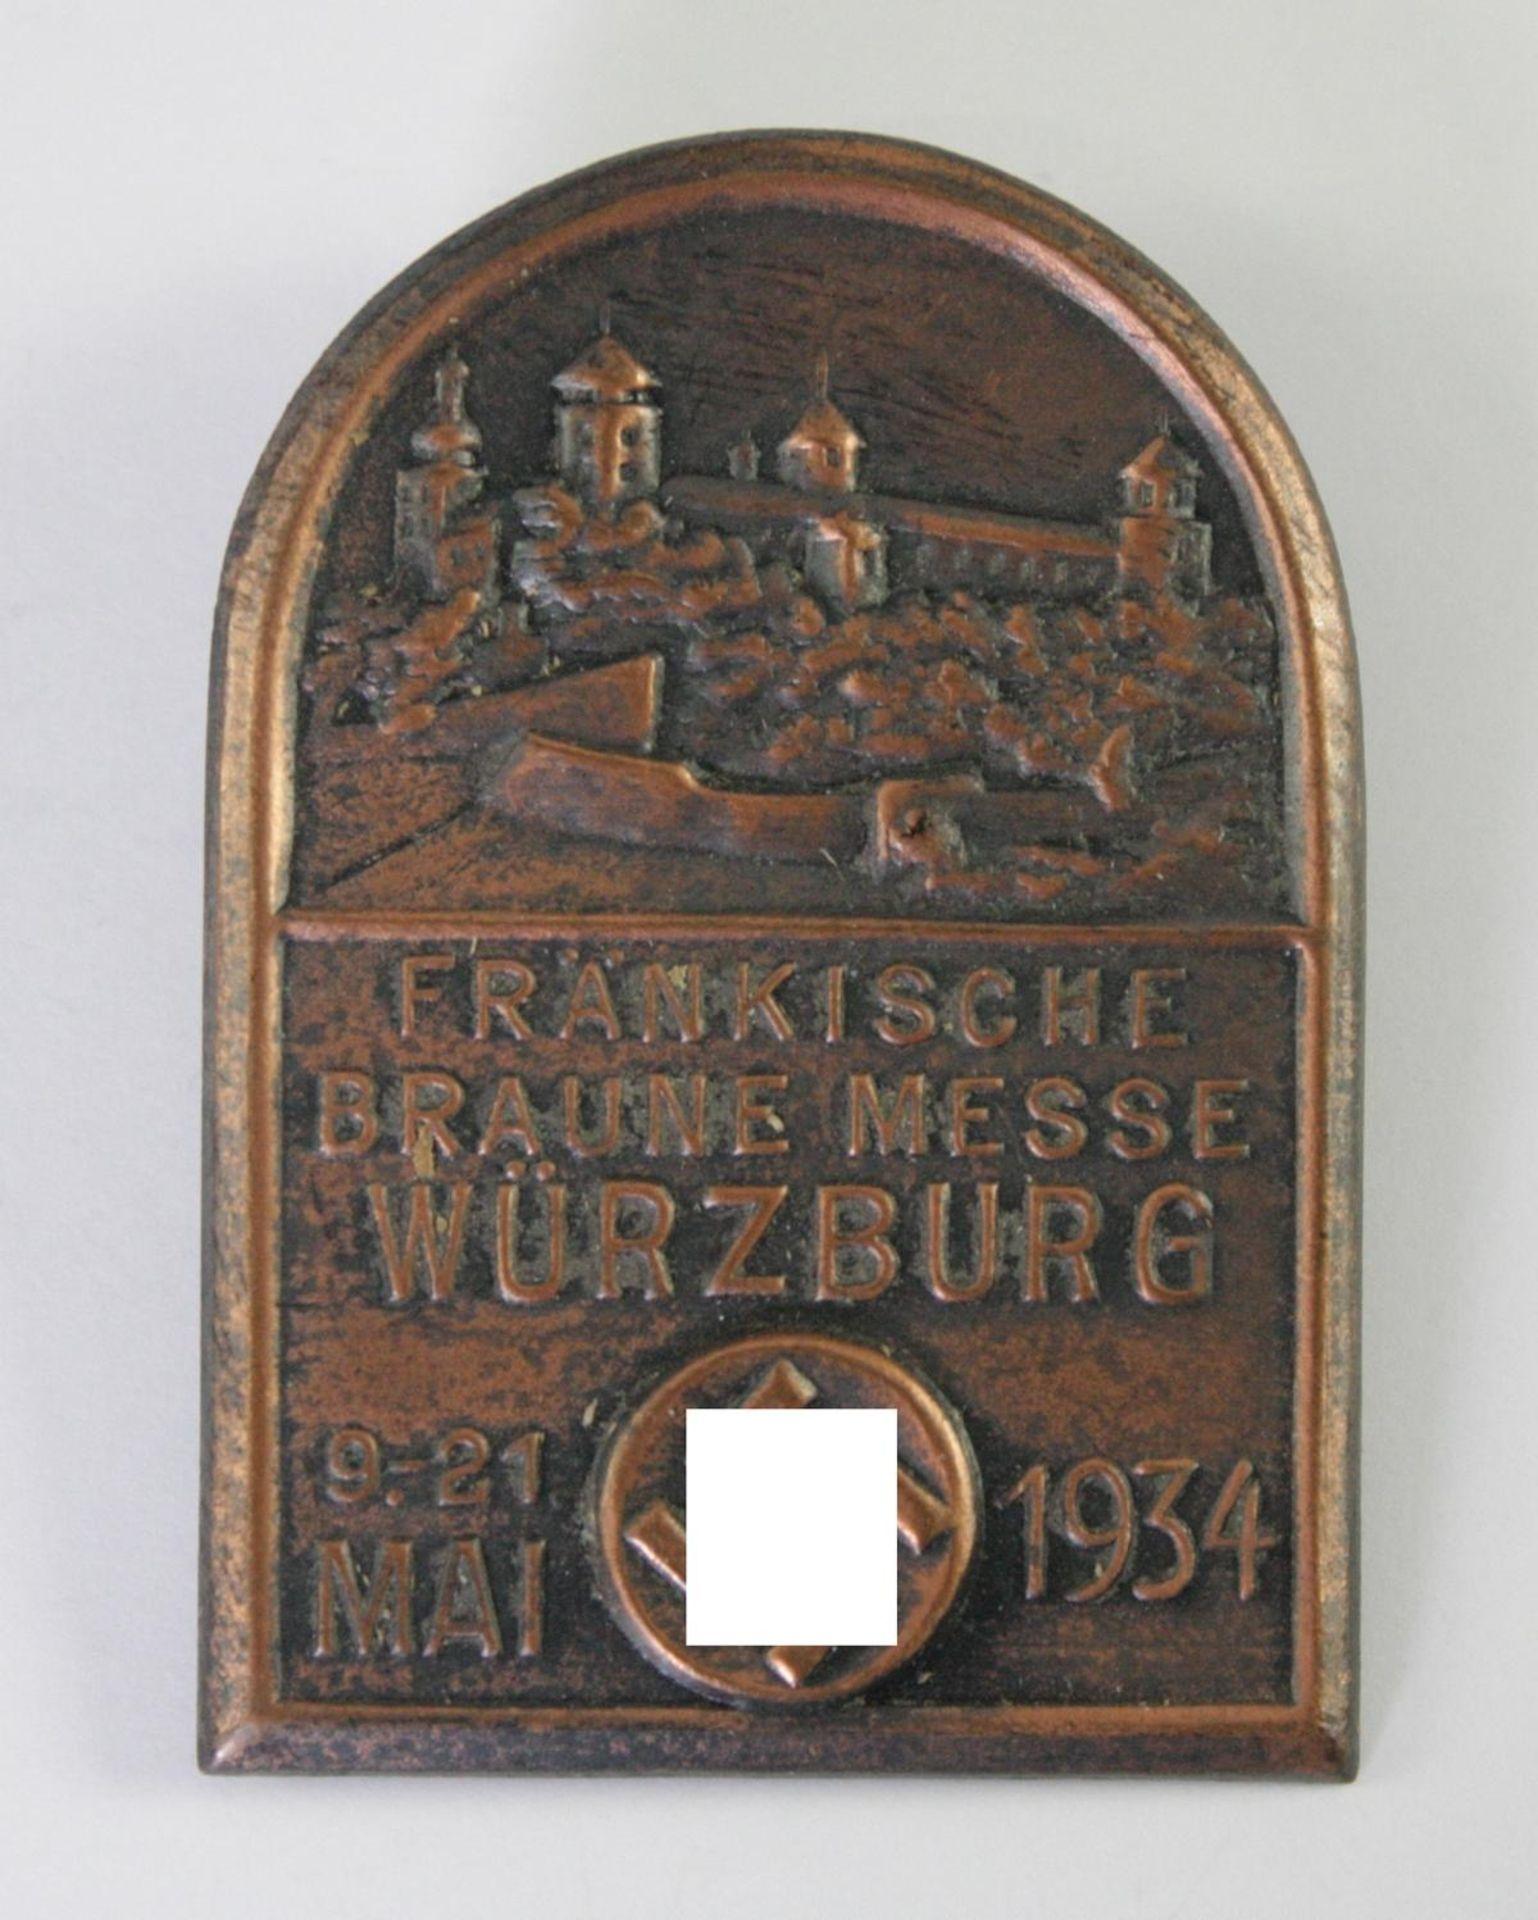 Abzeichen, Fränkische Braune Messe, Würzburg 1934